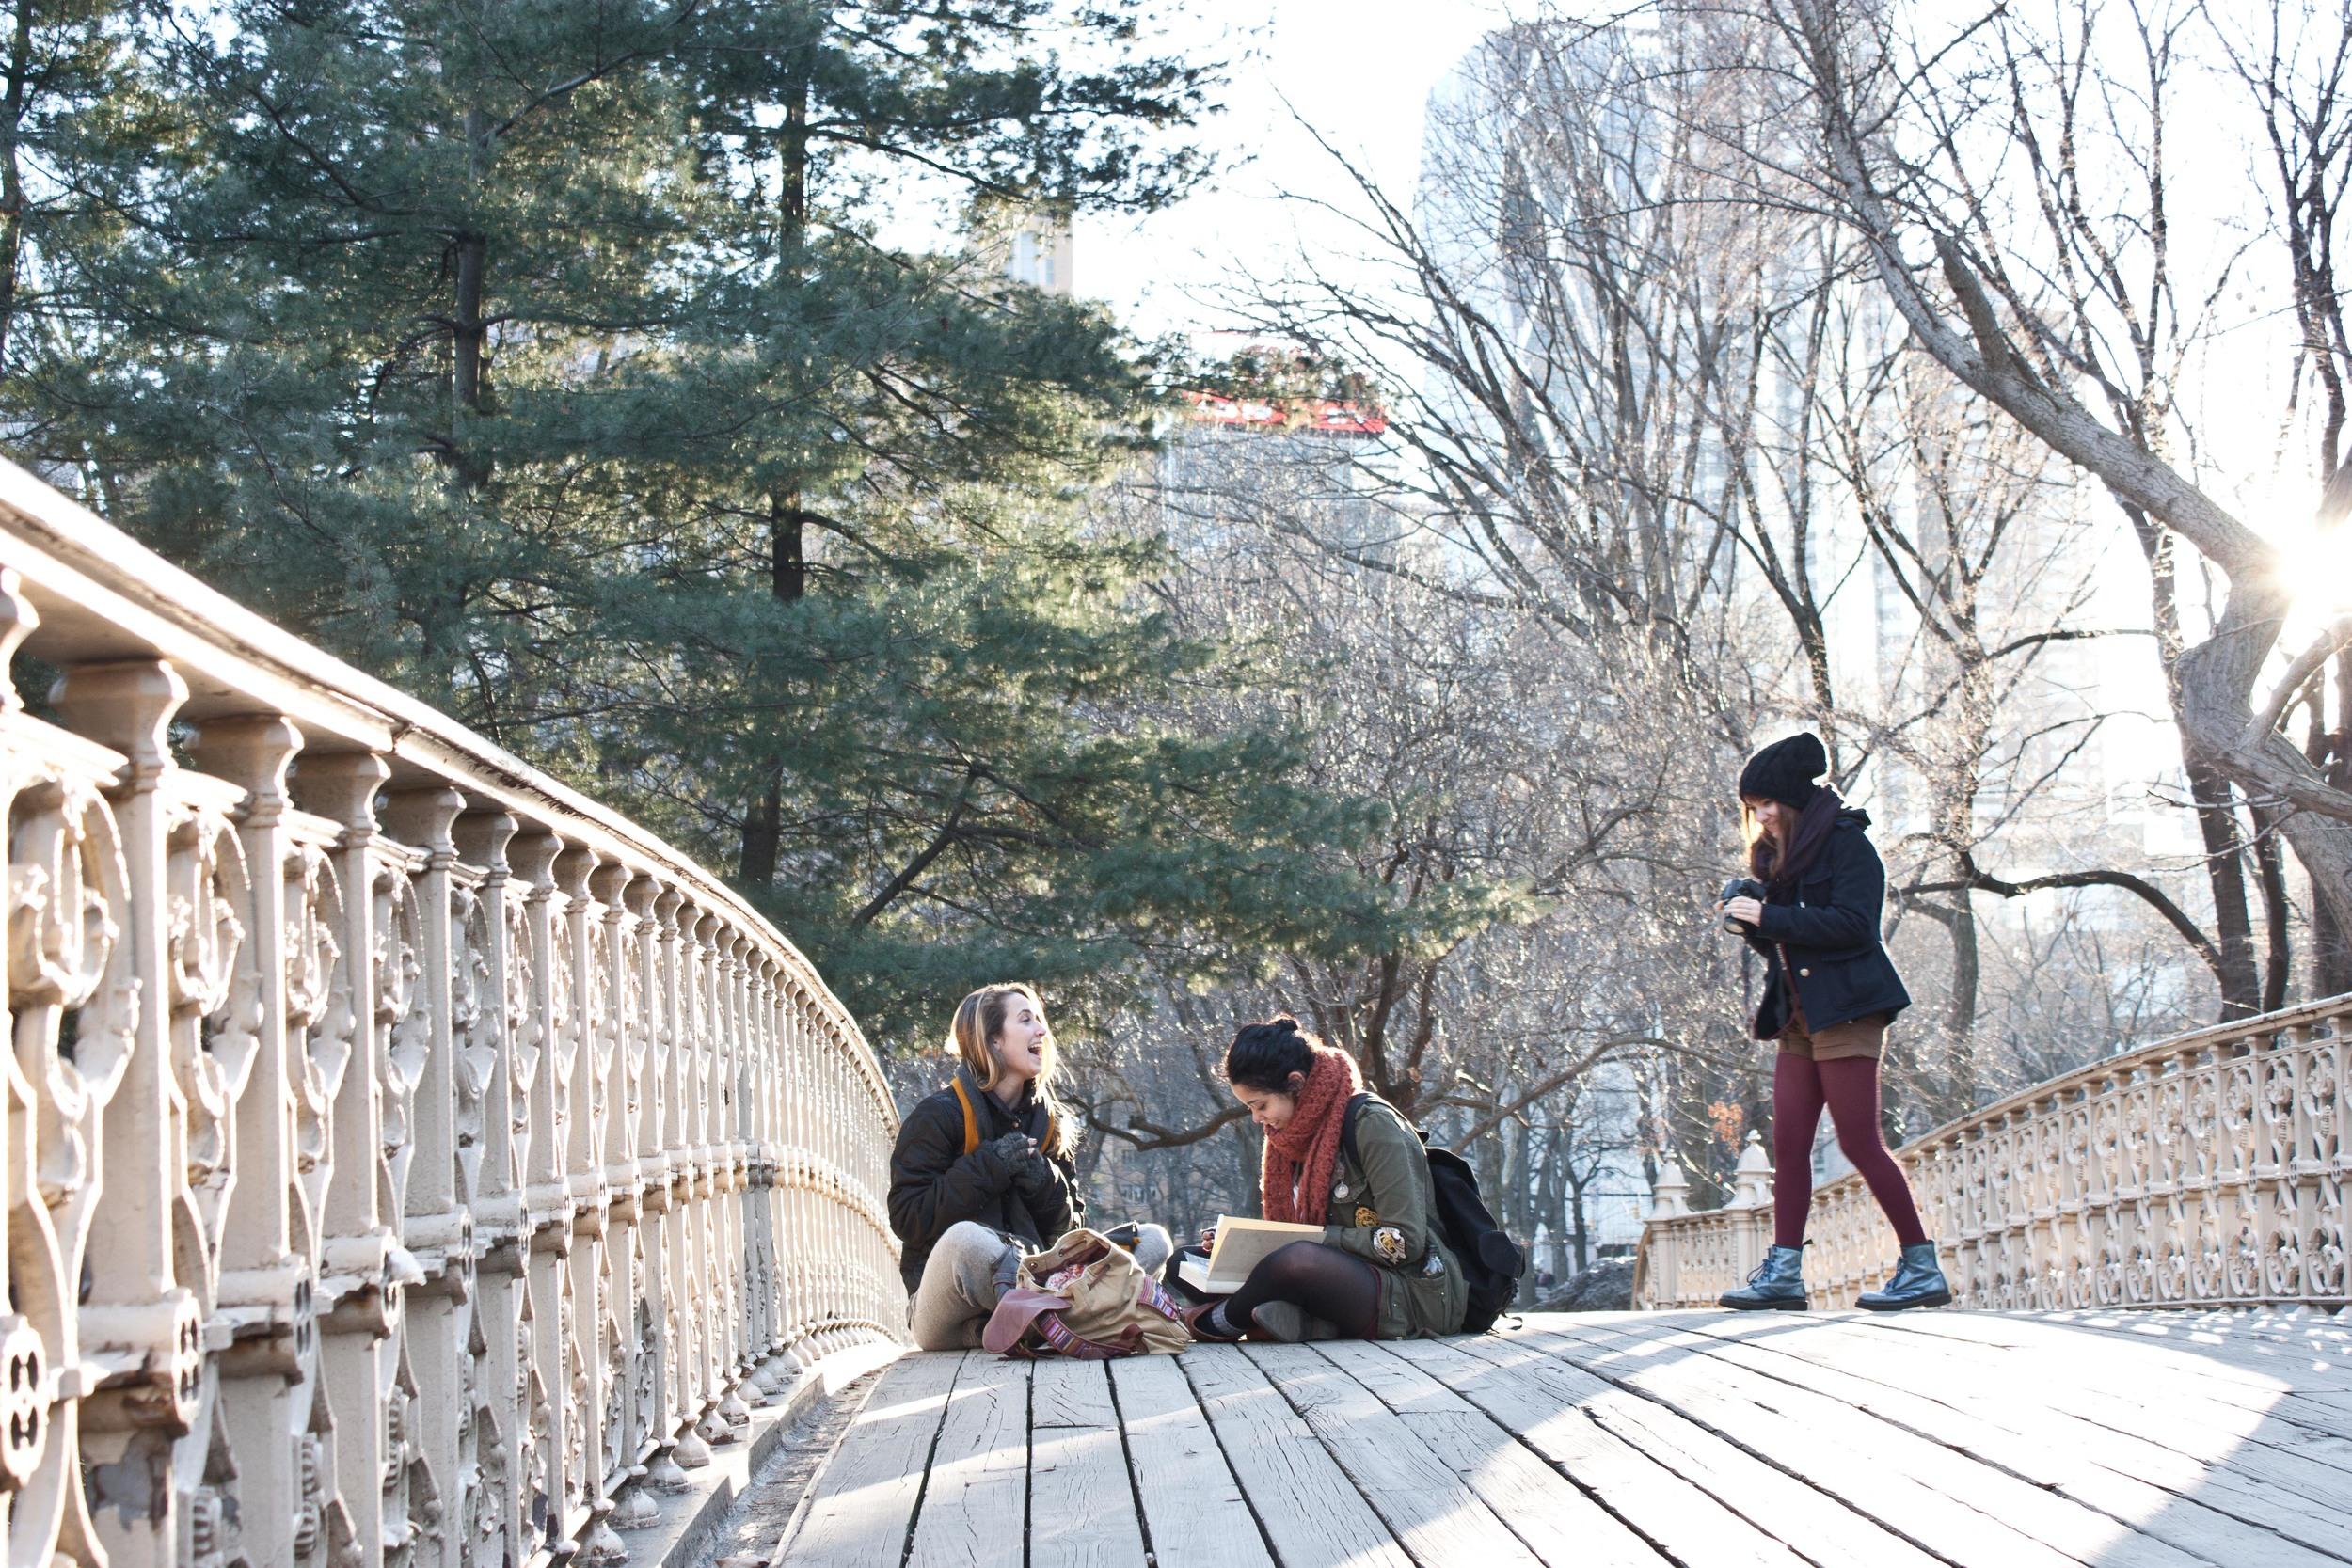 alue optics central park bridge